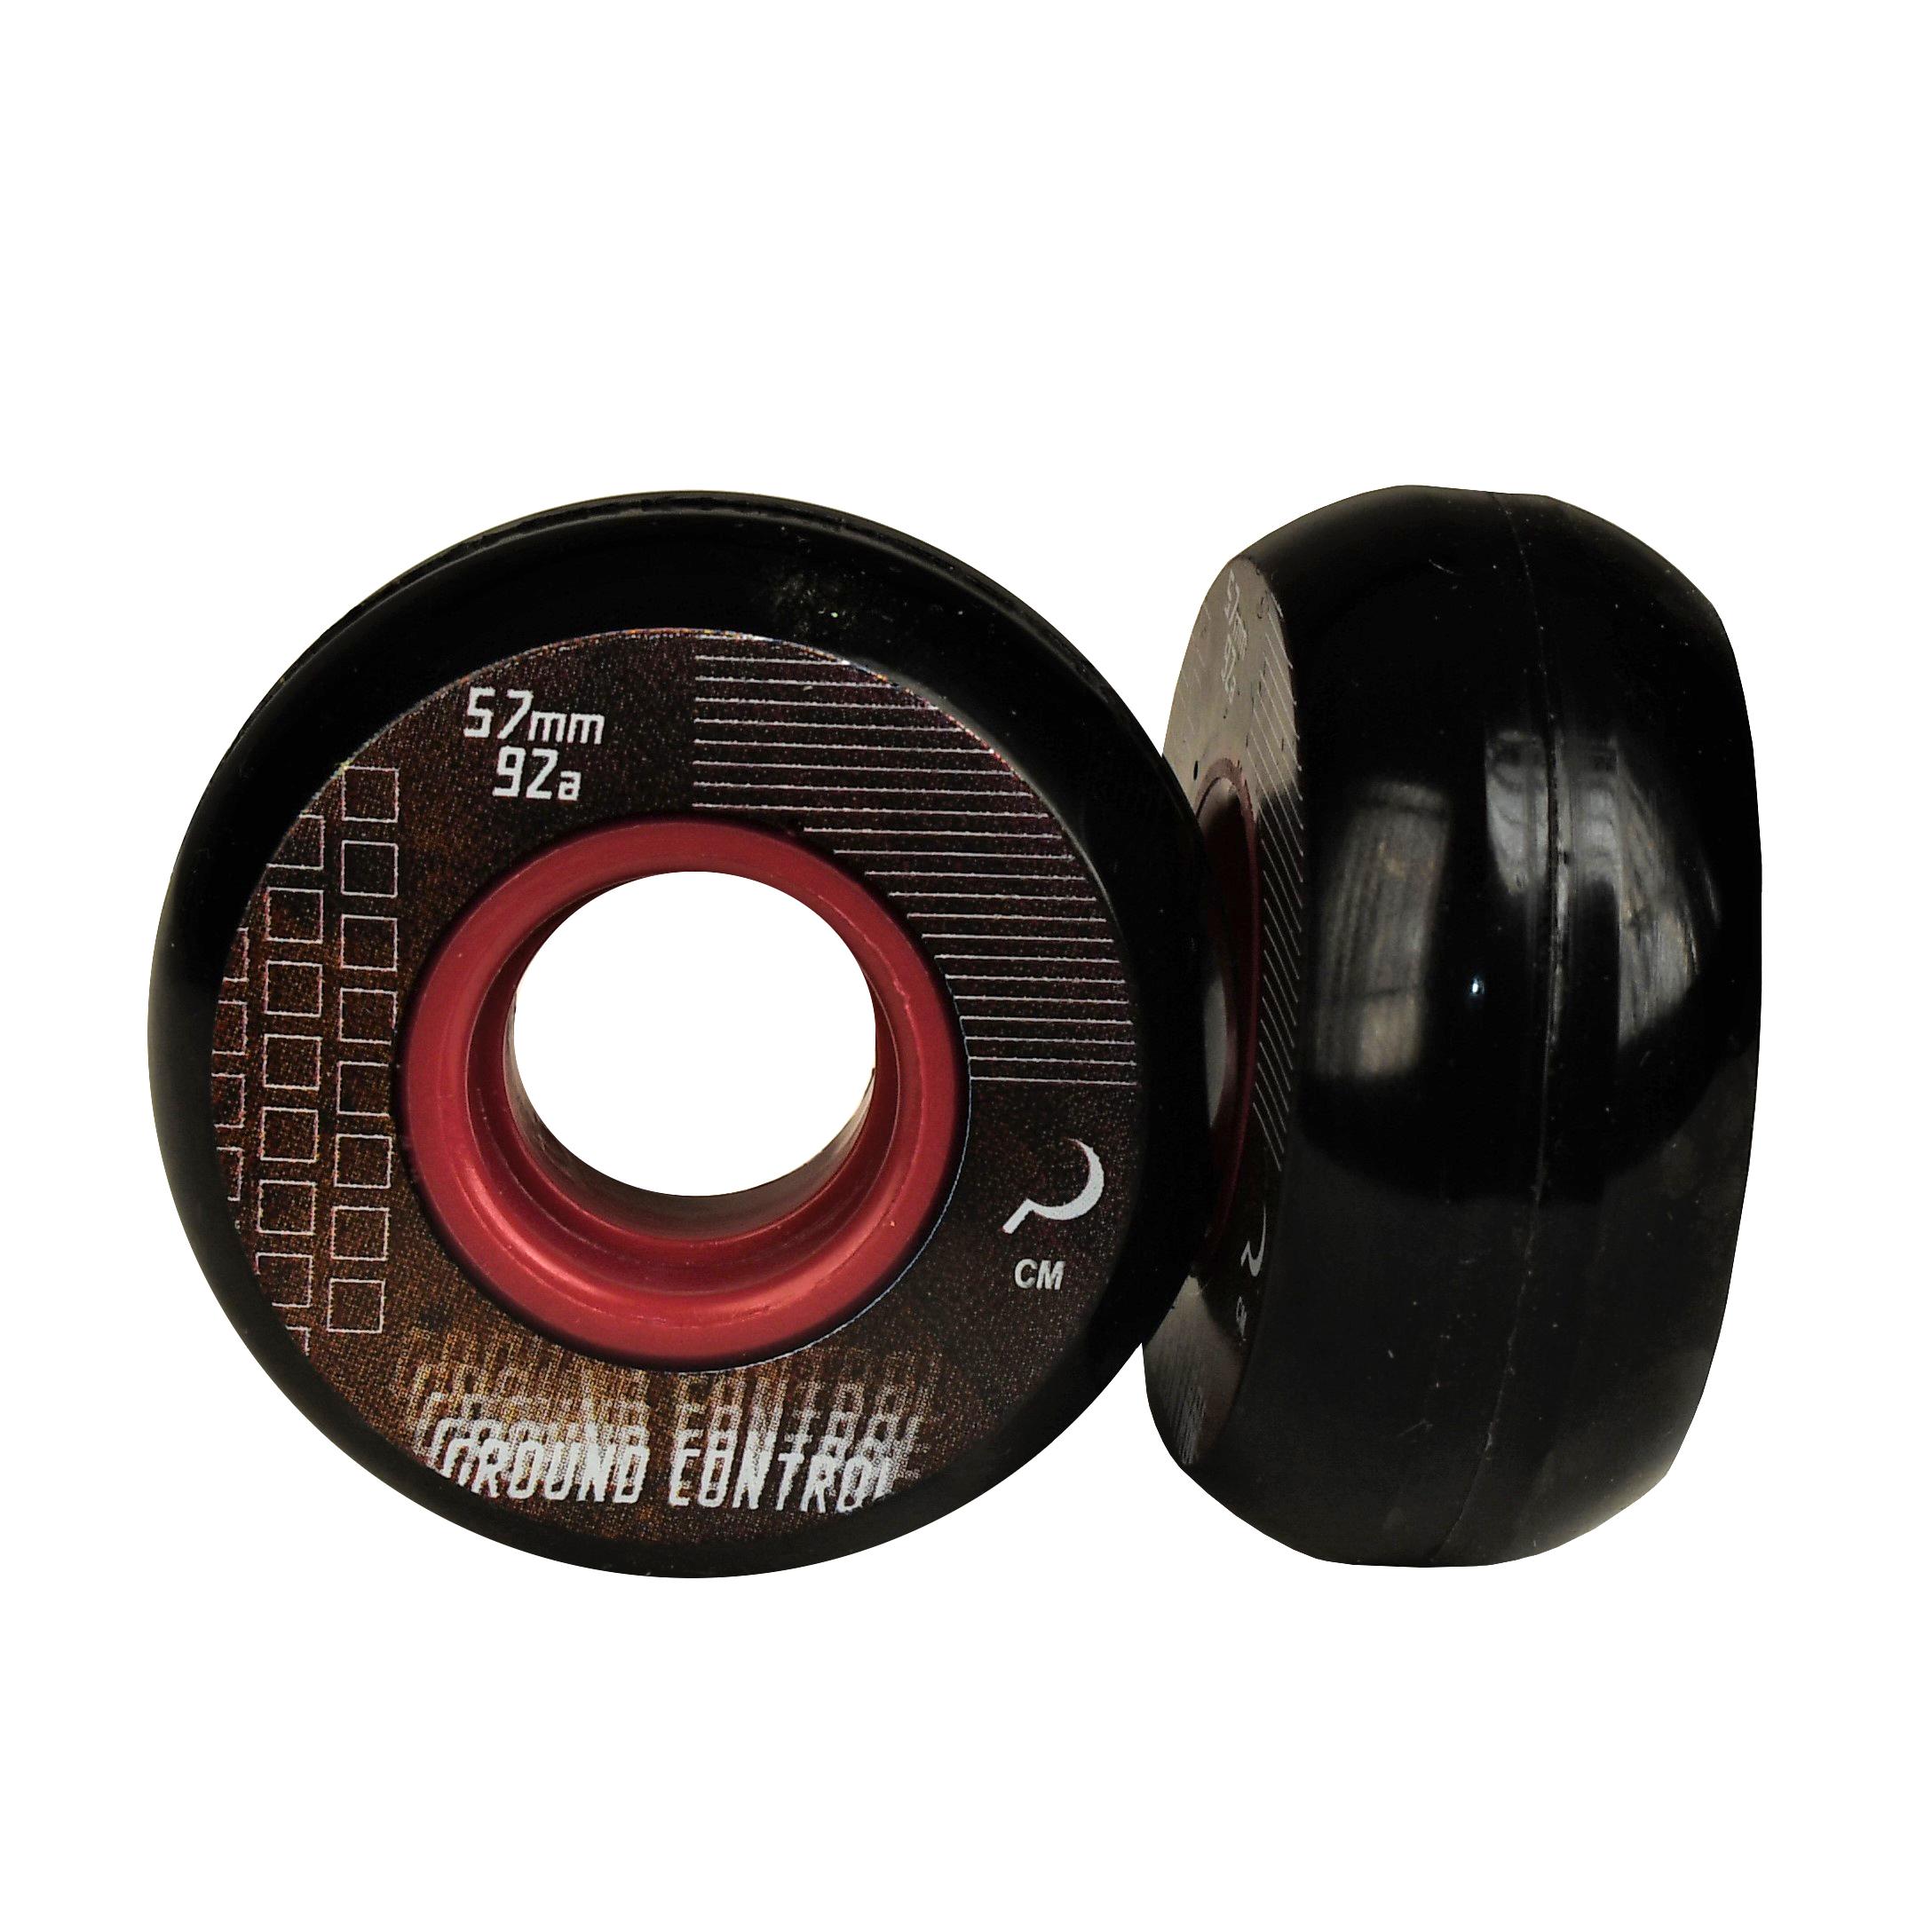 GC Wheel 57mm 92A black/purple - Skate wielen